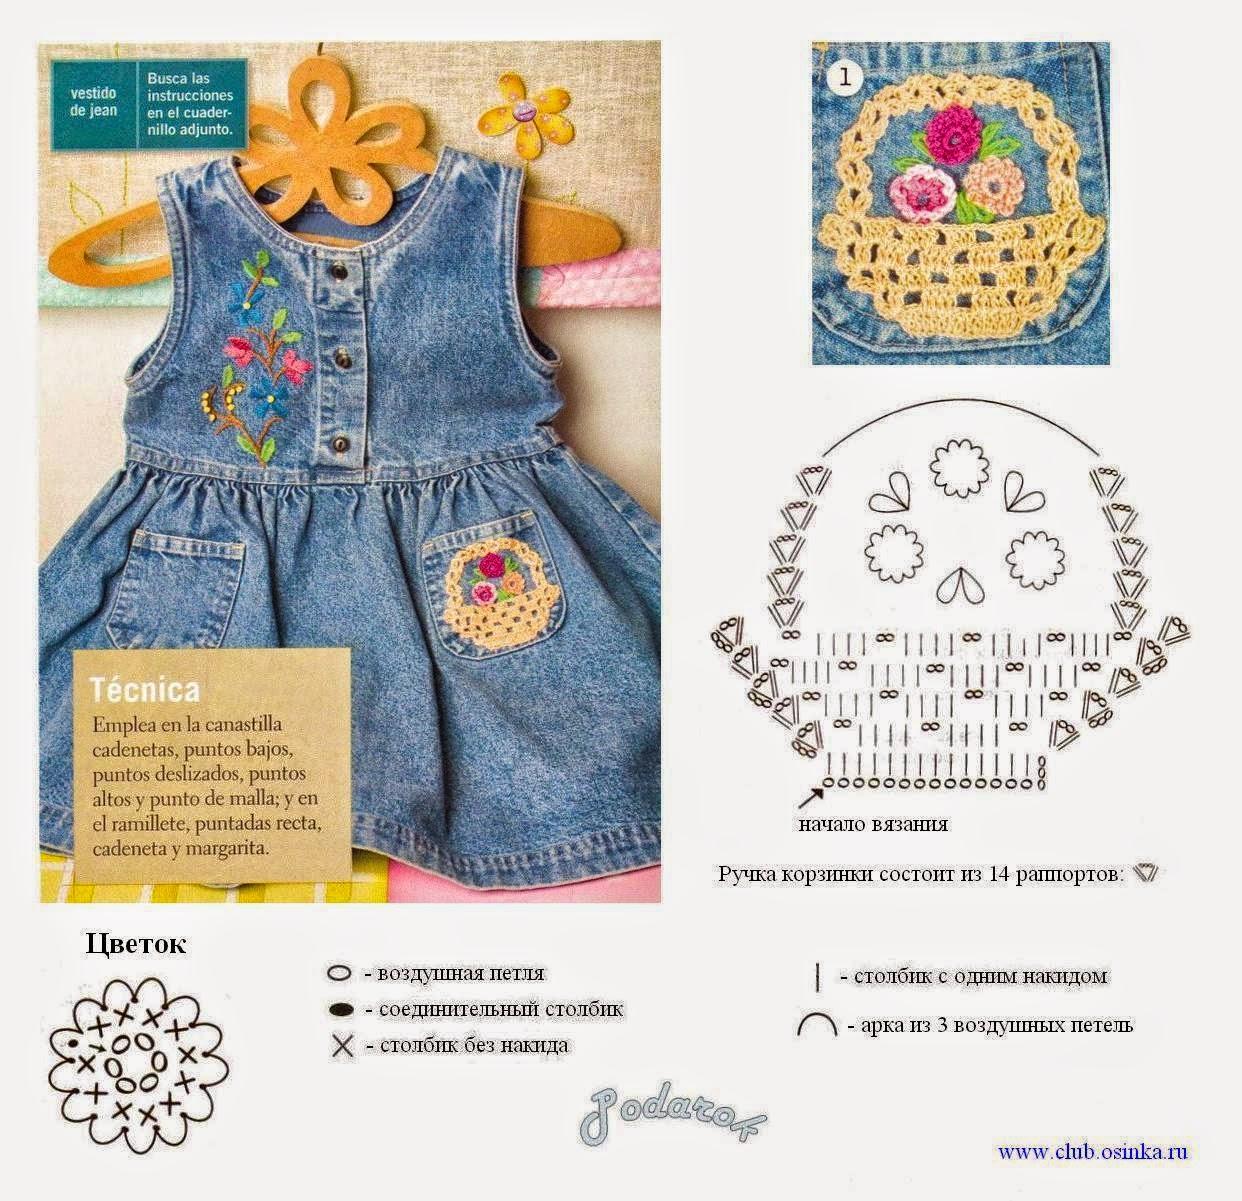 3 lindos apliques al crochet para decorar las prendas de los niños ...